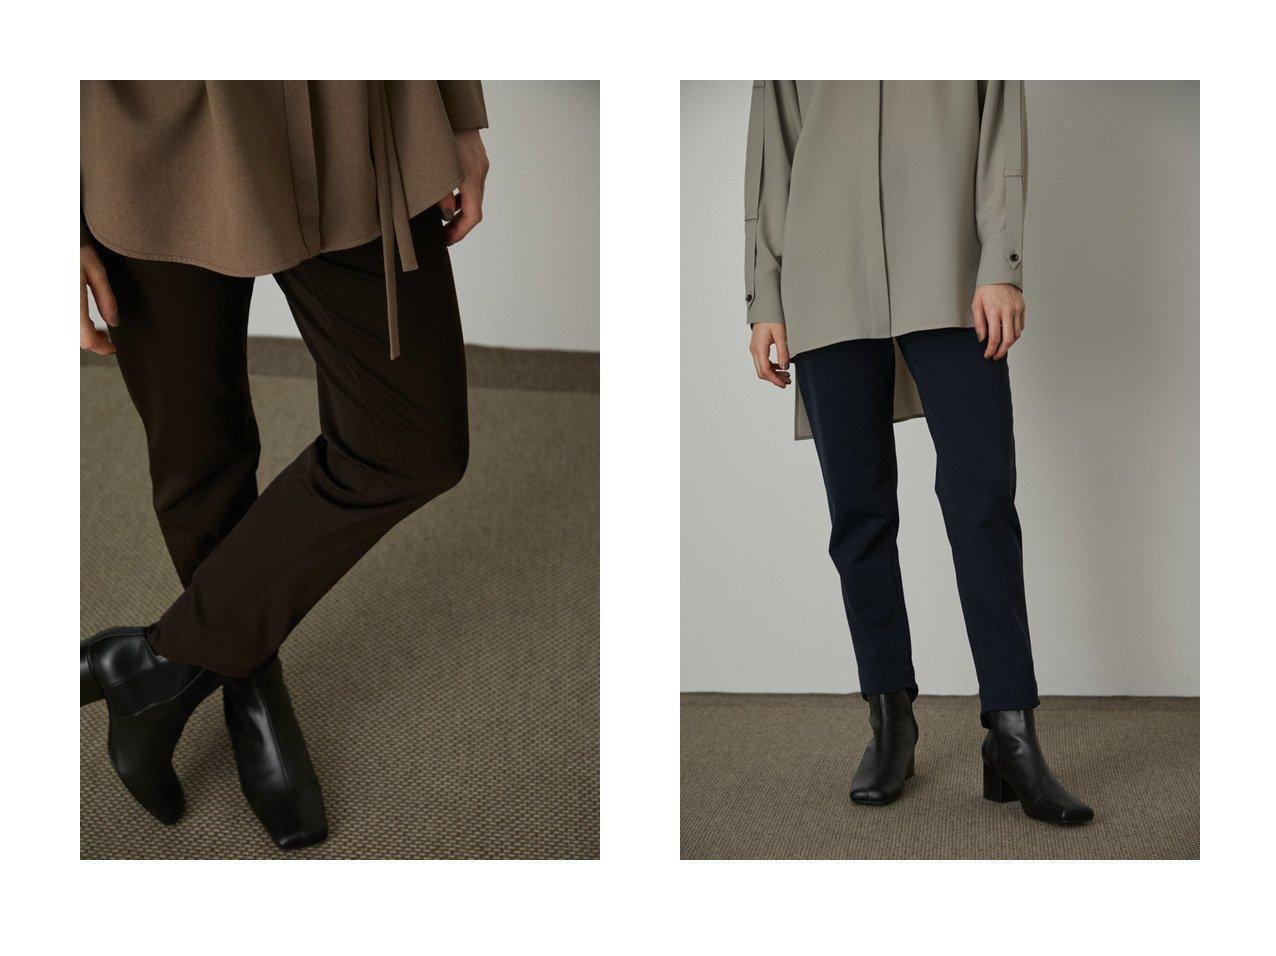 【RIM.ARK/リムアーク】のスリムパンツ パンツのおすすめ!人気、トレンド・レディースファッションの通販 おすすめで人気の流行・トレンド、ファッションの通販商品 メンズファッション・キッズファッション・インテリア・家具・レディースファッション・服の通販 founy(ファニー) https://founy.com/ ファッション Fashion レディースファッション WOMEN パンツ Pants 2021年 2021 2021 春夏 S/S SS Spring/Summer 2021 S/S 春夏 SS Spring/Summer ストレッチ スリム ヘムライン 春 Spring |ID:crp329100000014416